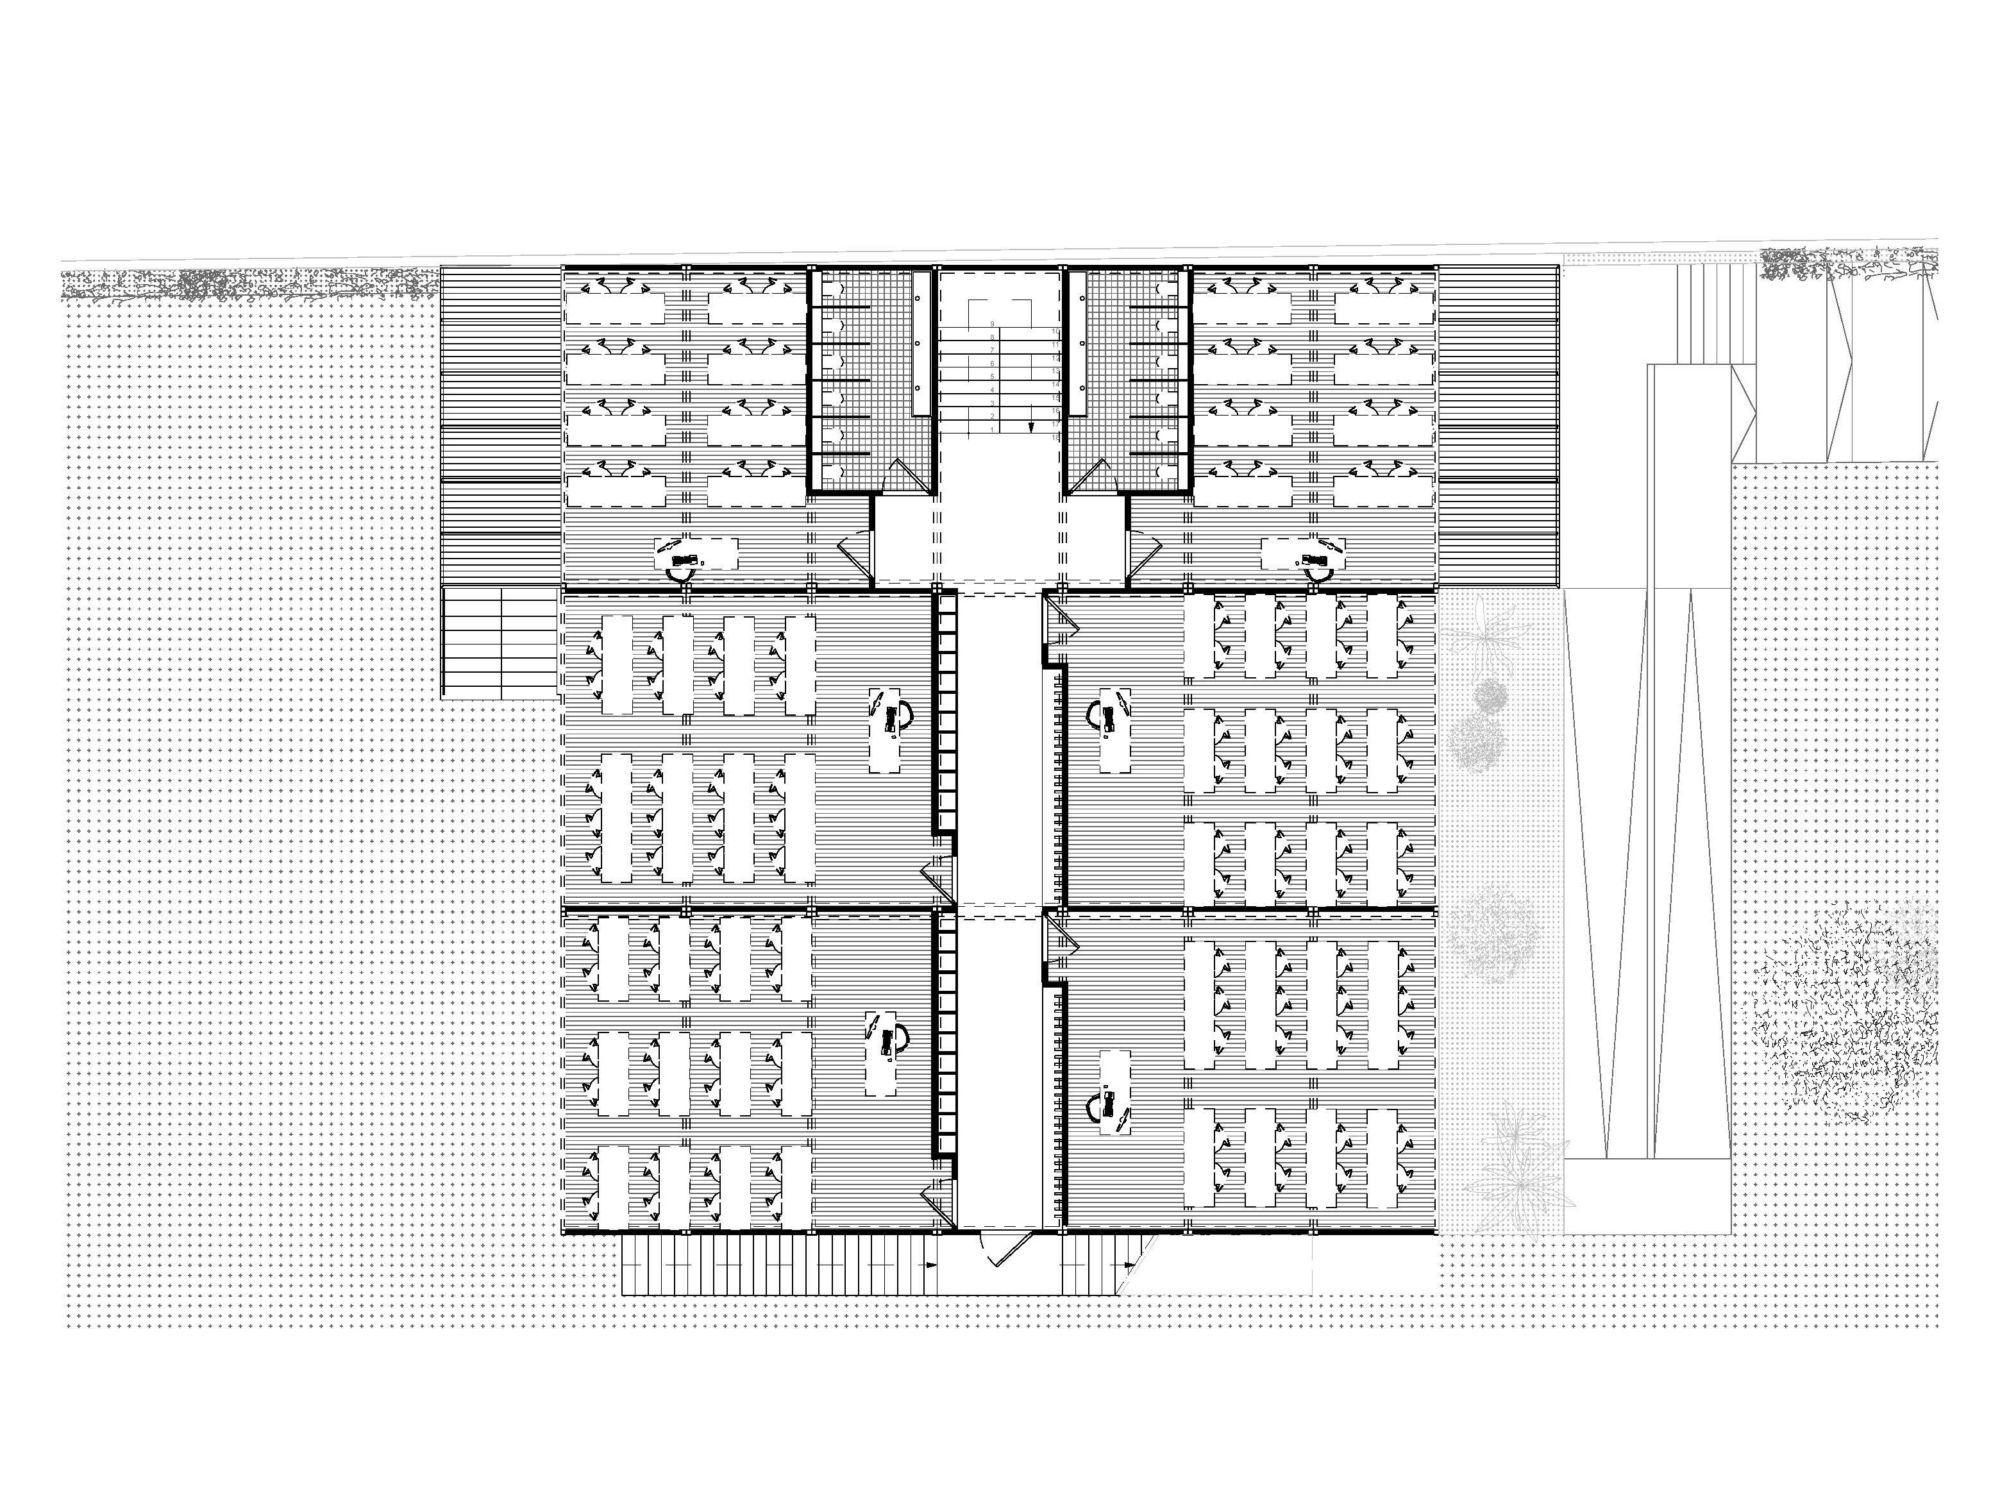 Plan de l'étage du bâtiement